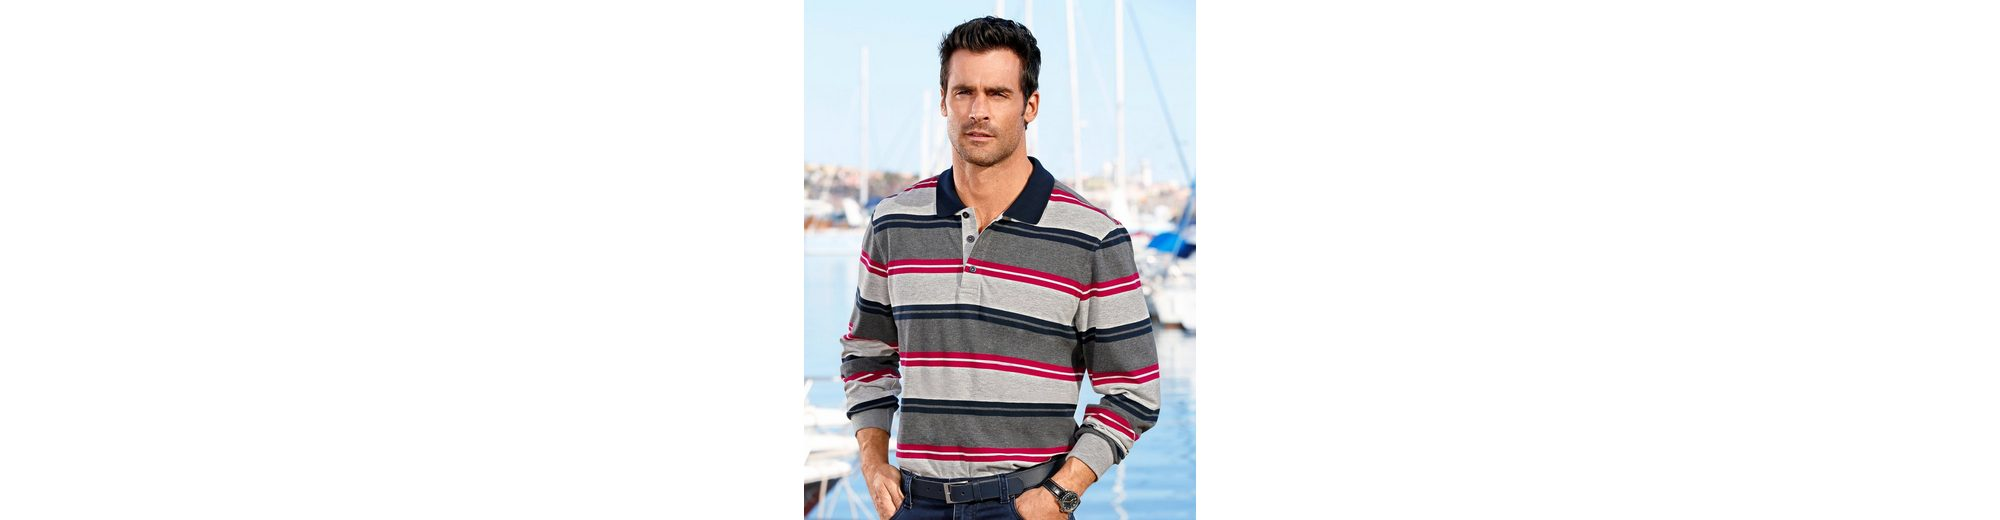 Roger Kent Poloshirt in garngefärbtem Streifenmuster Einkaufen RveJaZA9c